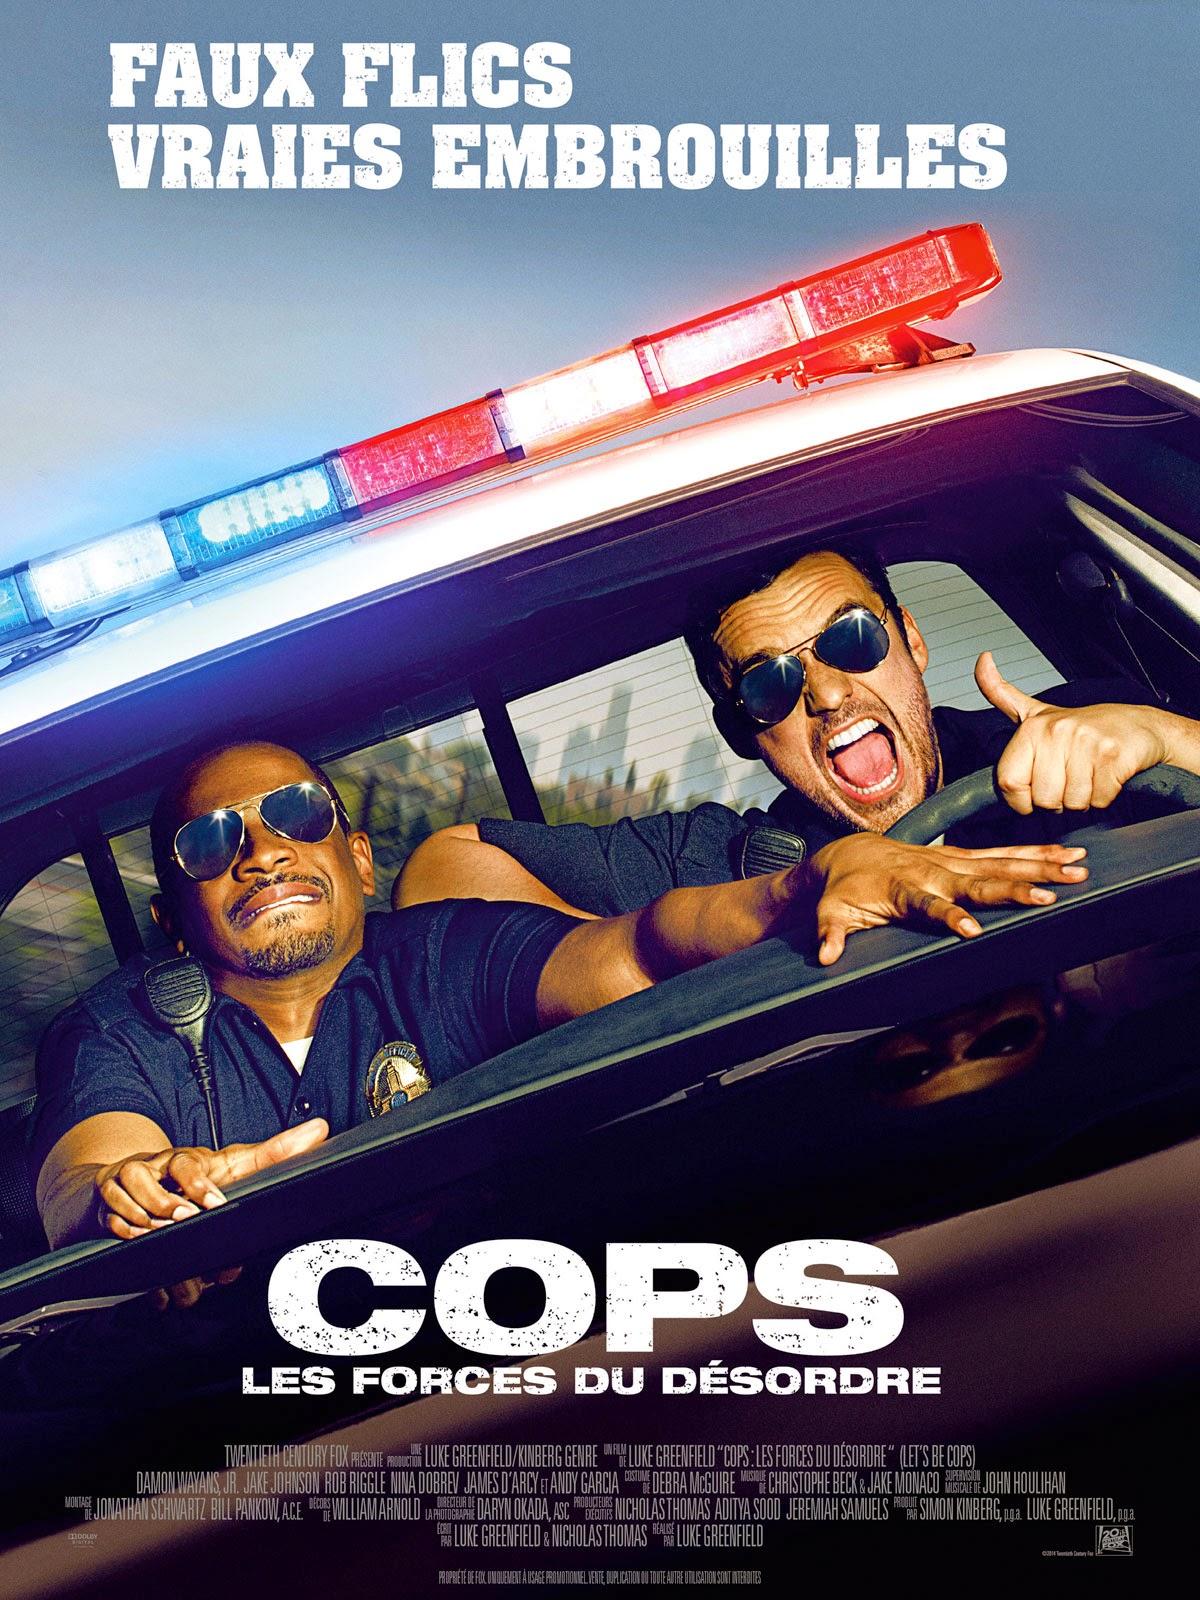 http://fuckingcinephiles.blogspot.fr/2015/01/critique-cops-les-forces-du-desordre.html